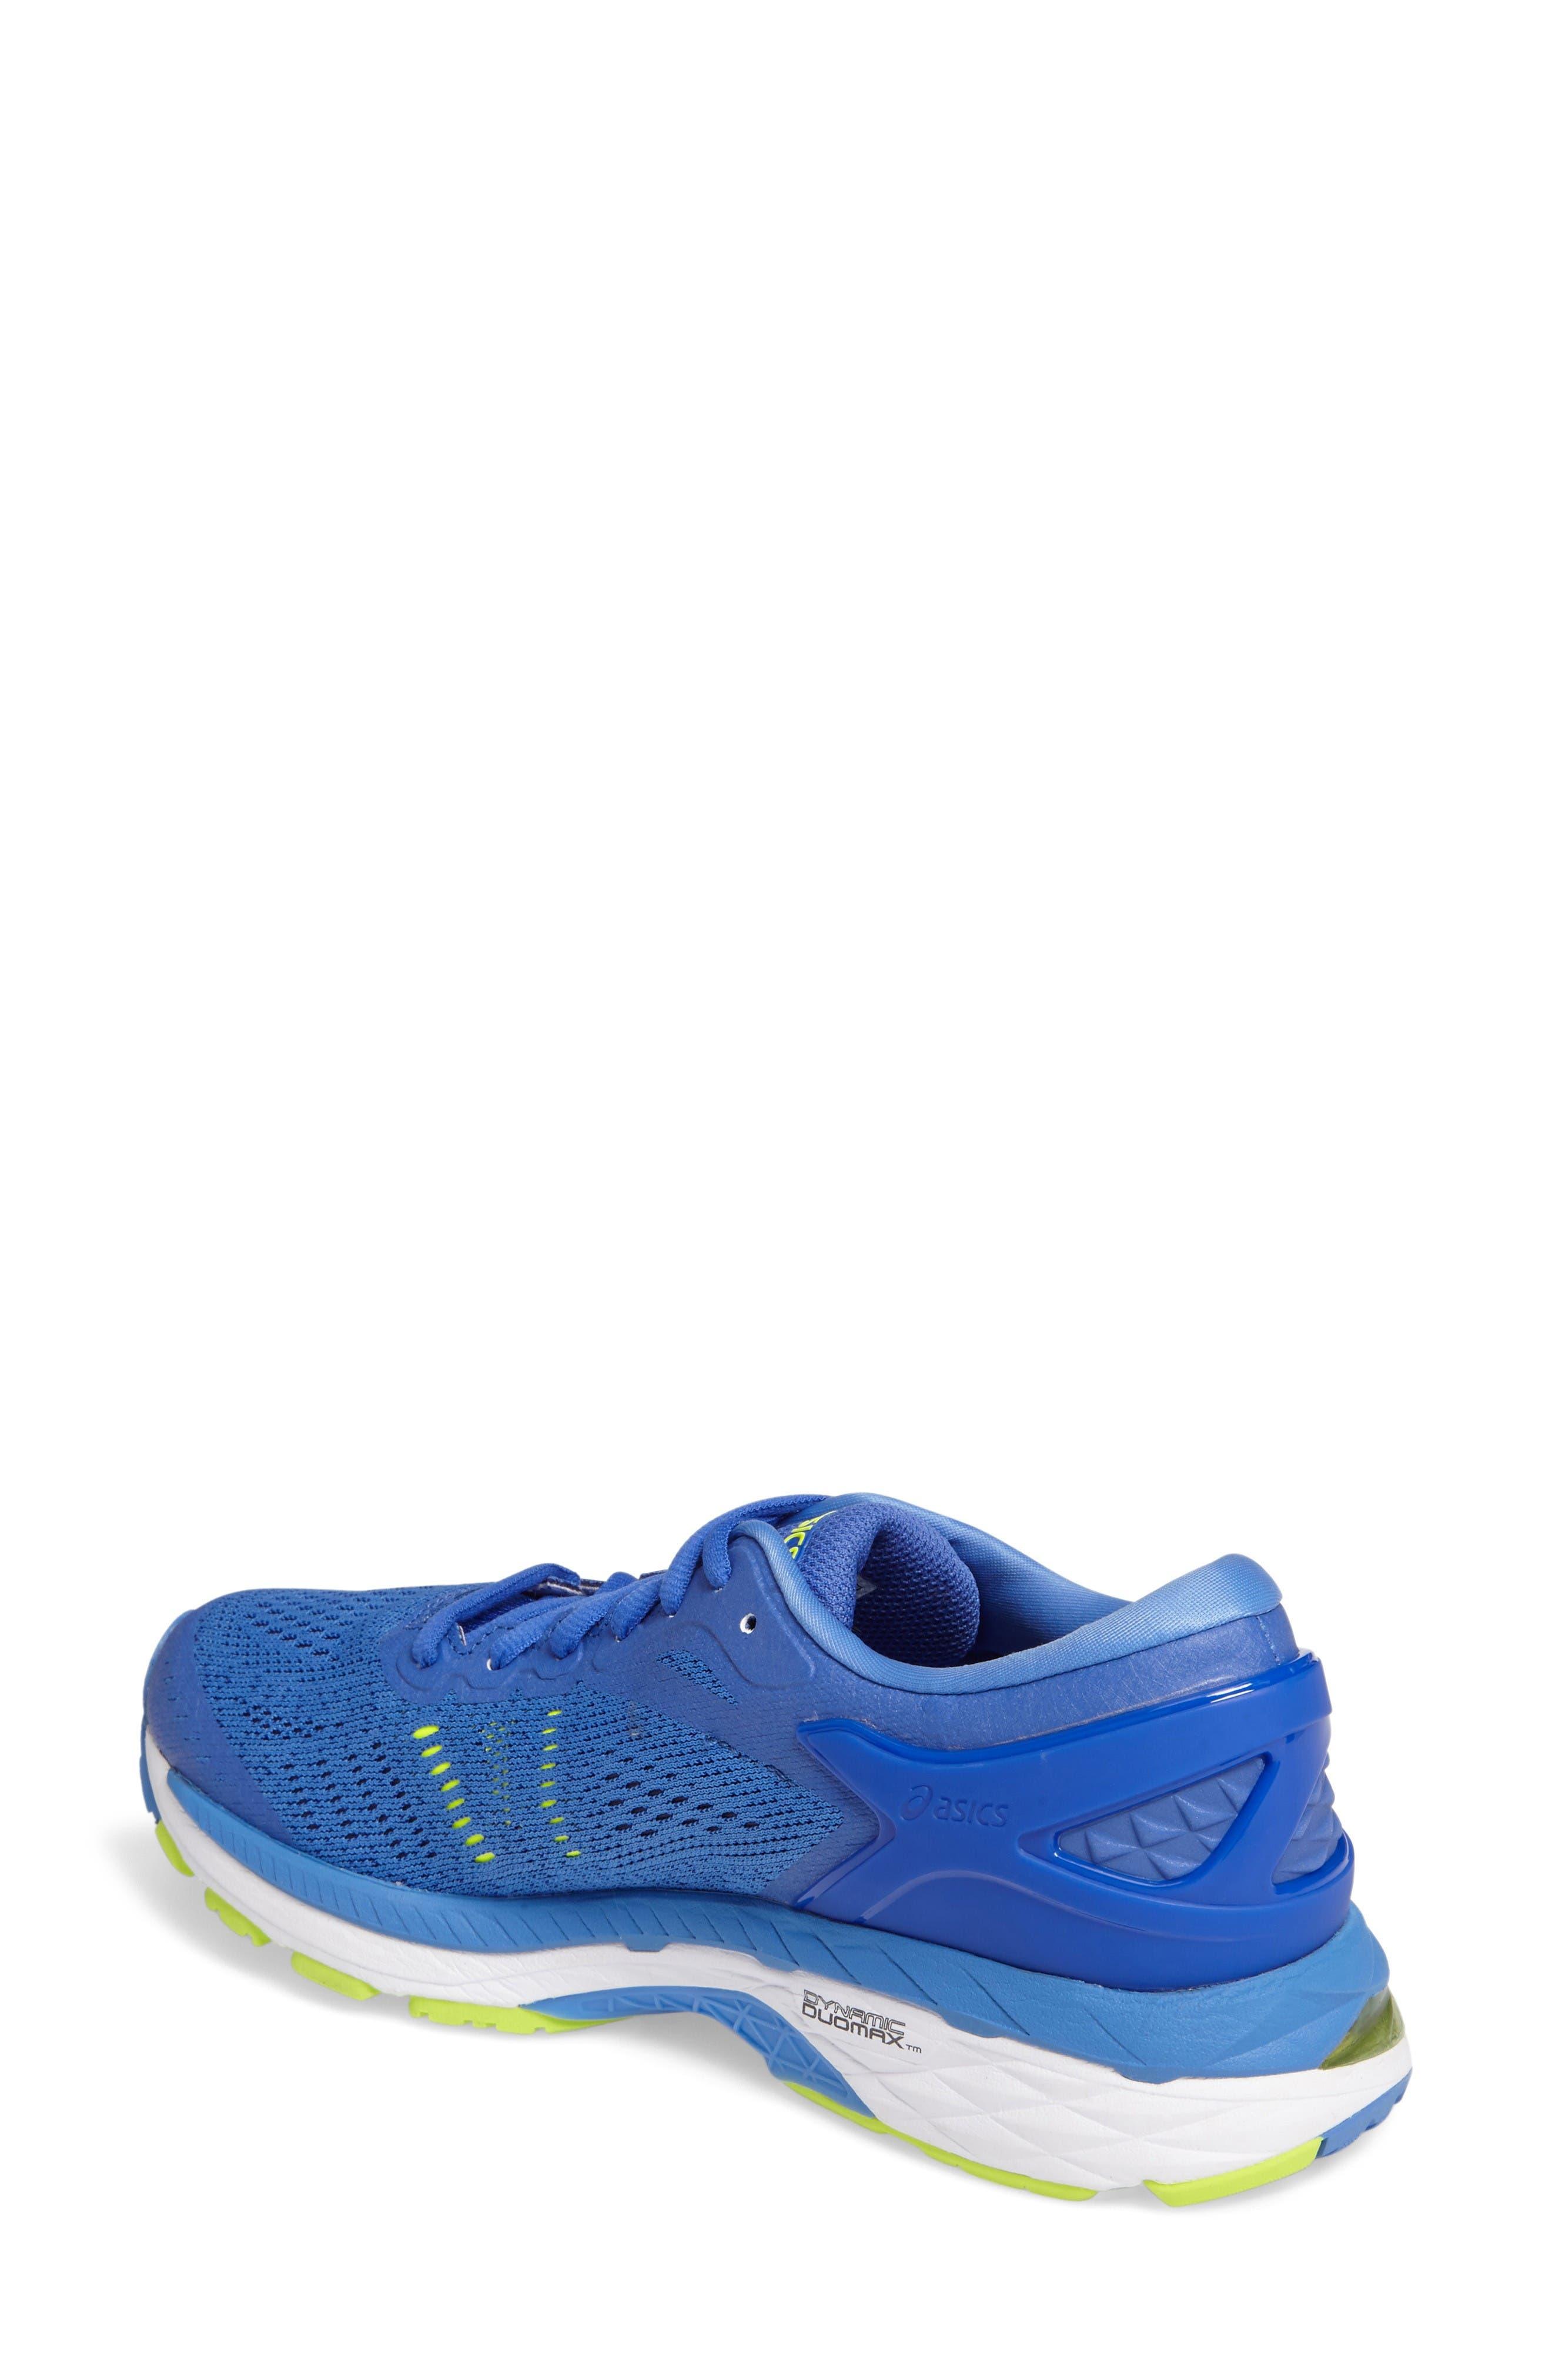 GEL-Kayano<sup>®</sup> 24 Running Shoe,                             Alternate thumbnail 2, color,                             Blue Purple/ Regatta/ White